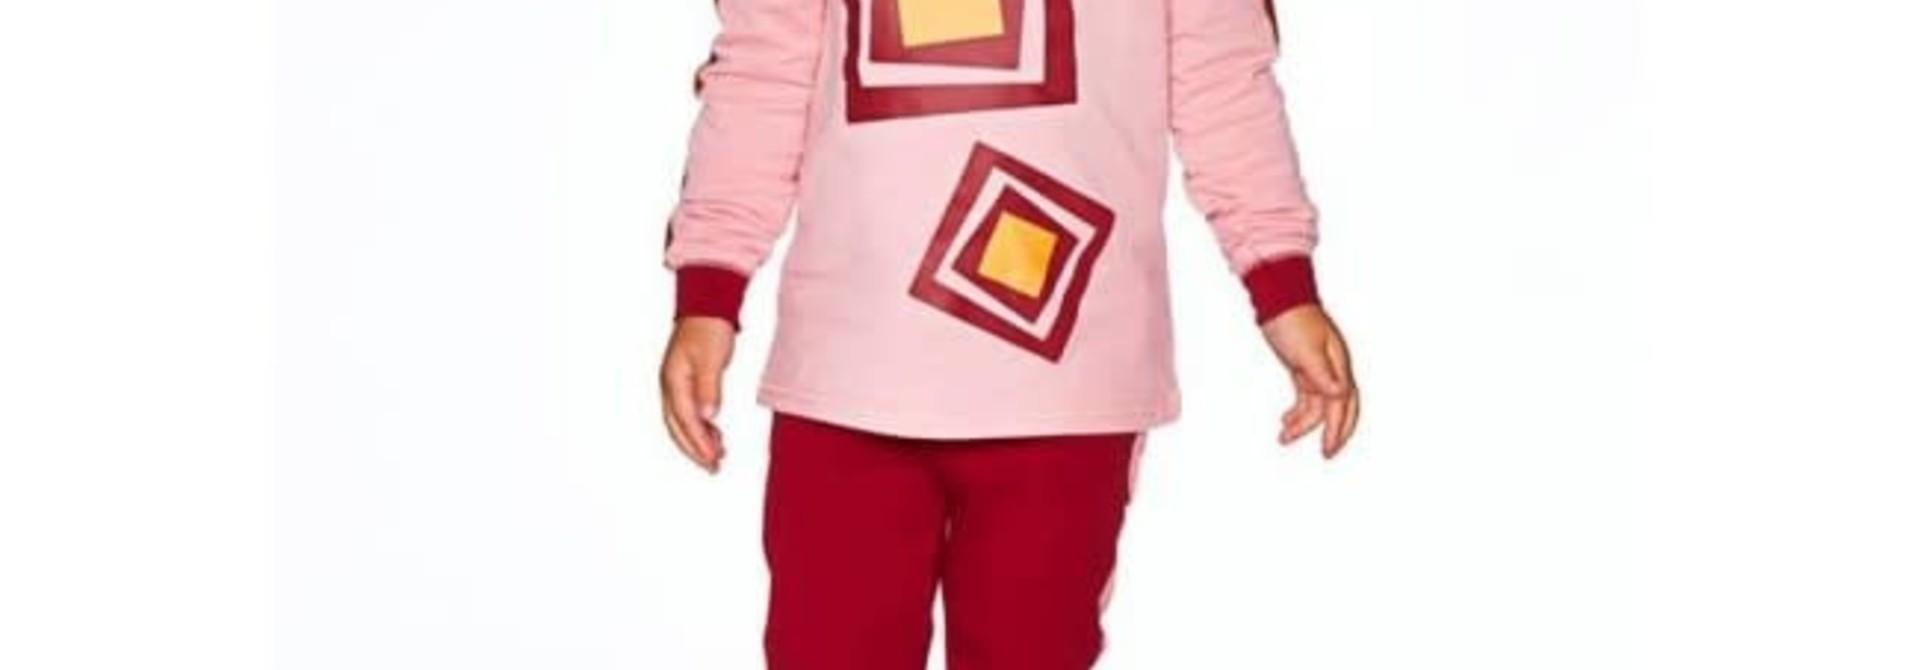 Pyjamas Passe-Carreau